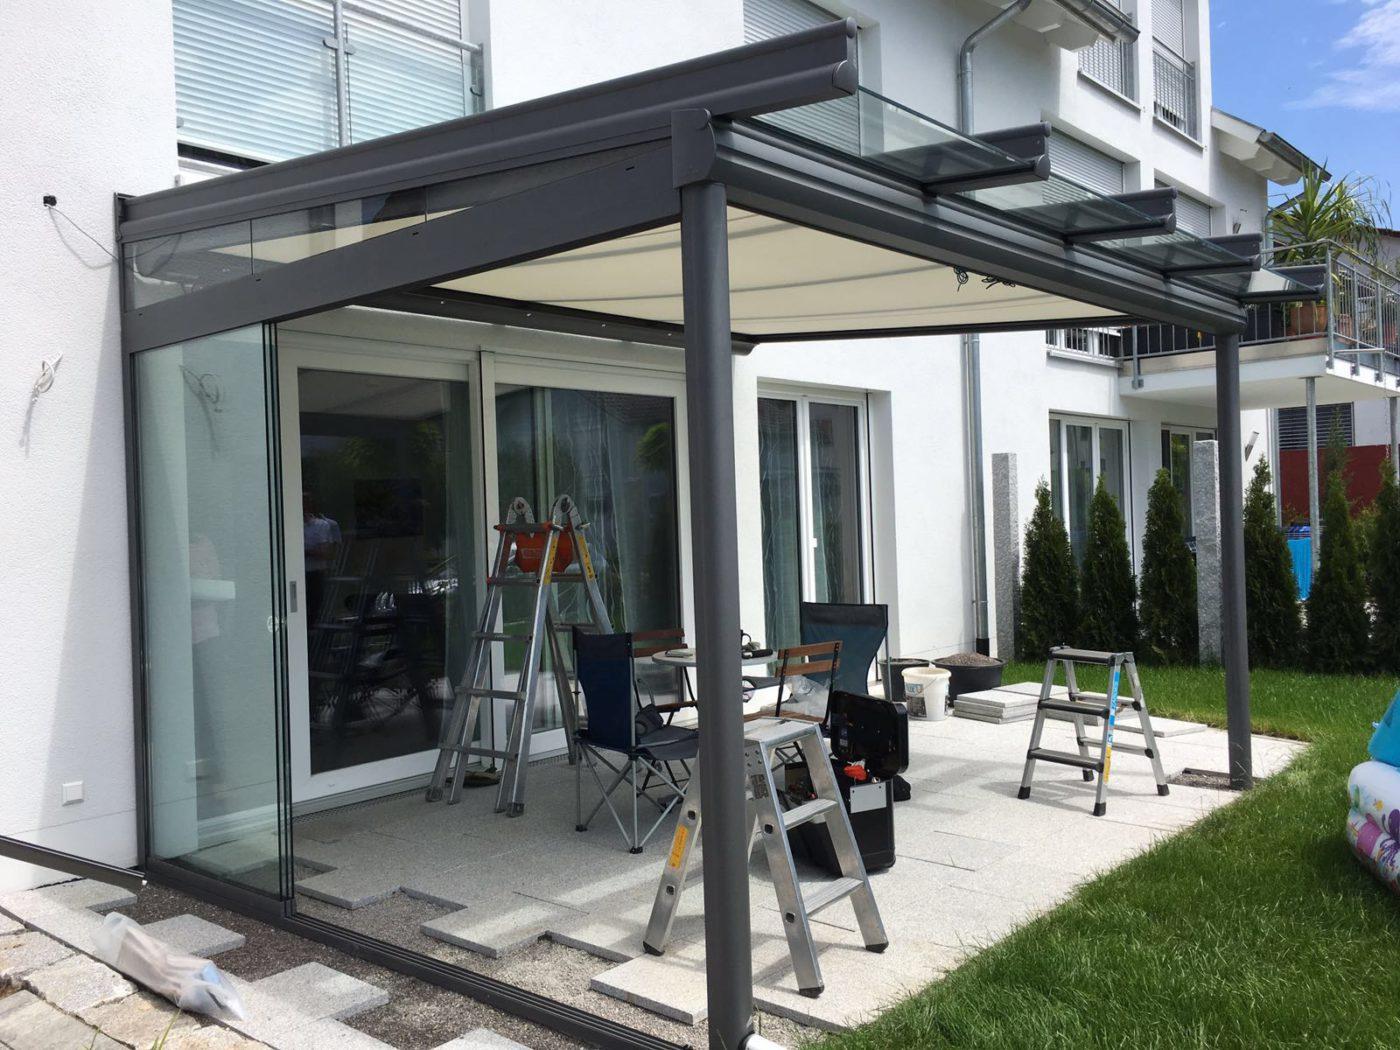 Terrassenüberdachung aus Glas und Seitenschutz mit Markise